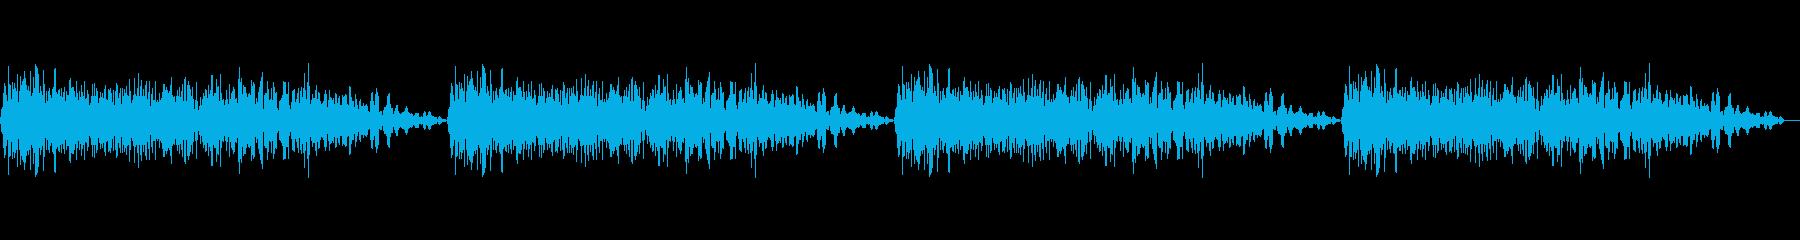 レーザーガンの再生済みの波形